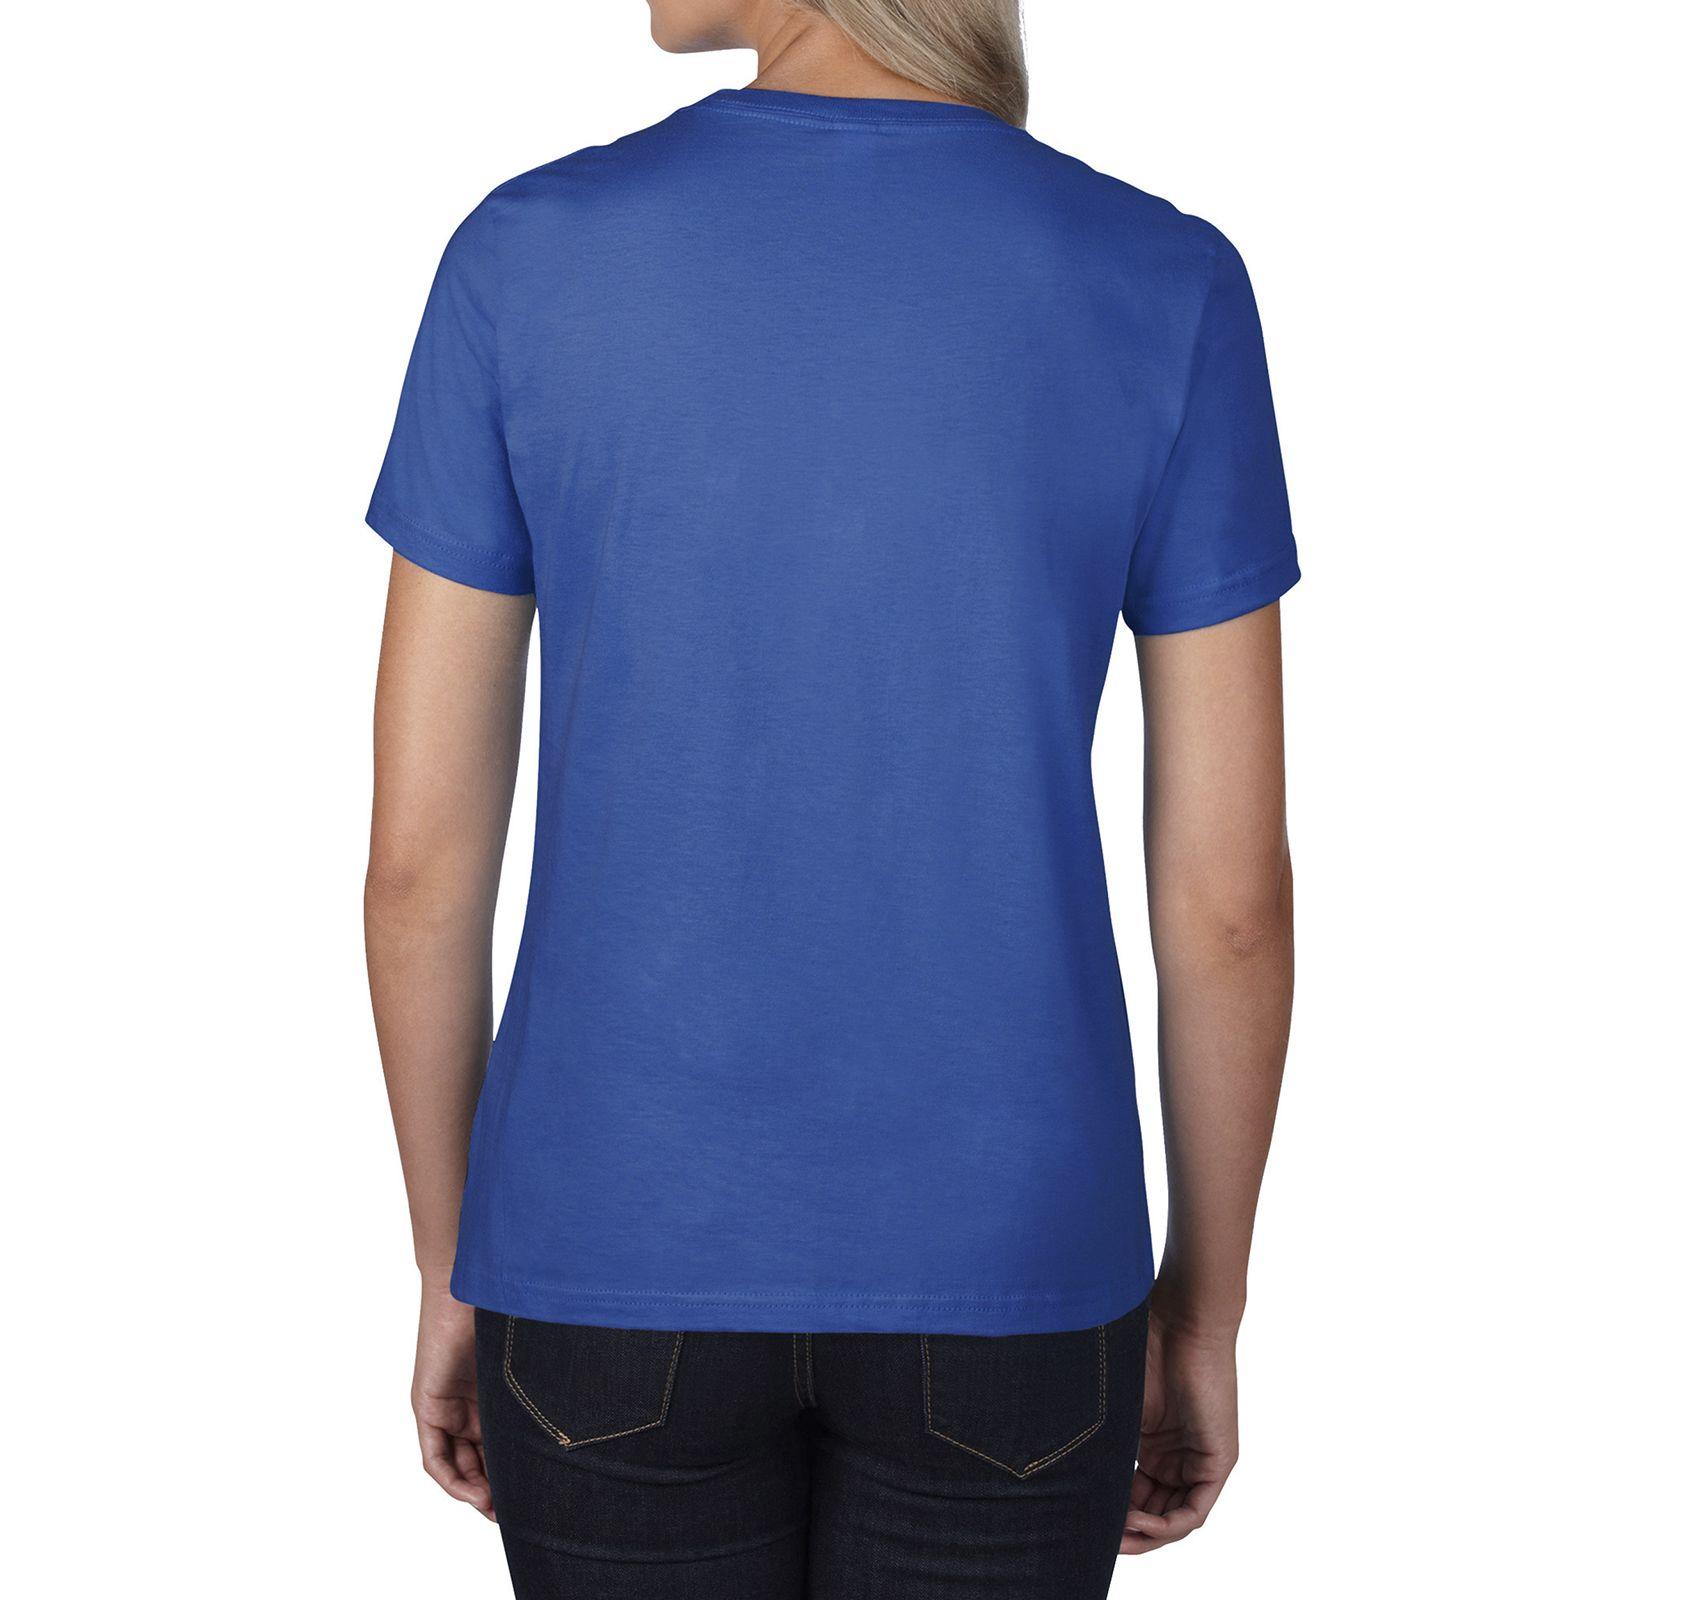 Футболка жіноча Premium Cotton 185   Тотобі. унісекс для жінок a6f405a3a297d